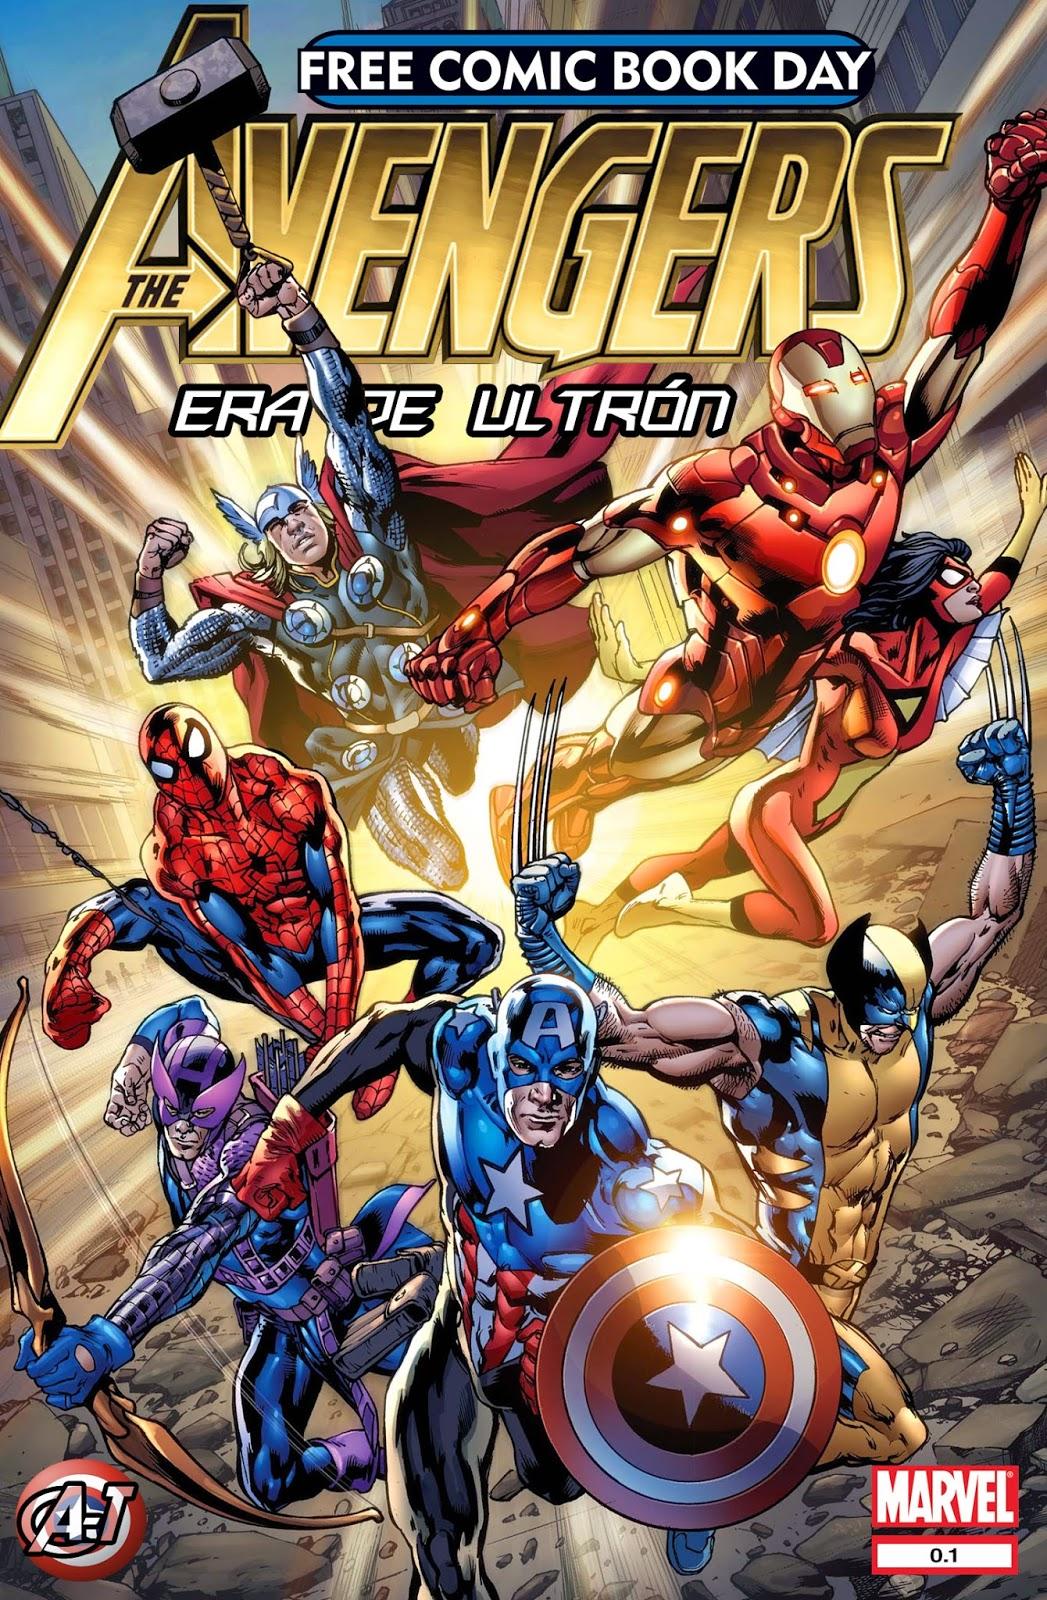 Os Vingadores - Era de Ultron #0.1 (Em espanhol)